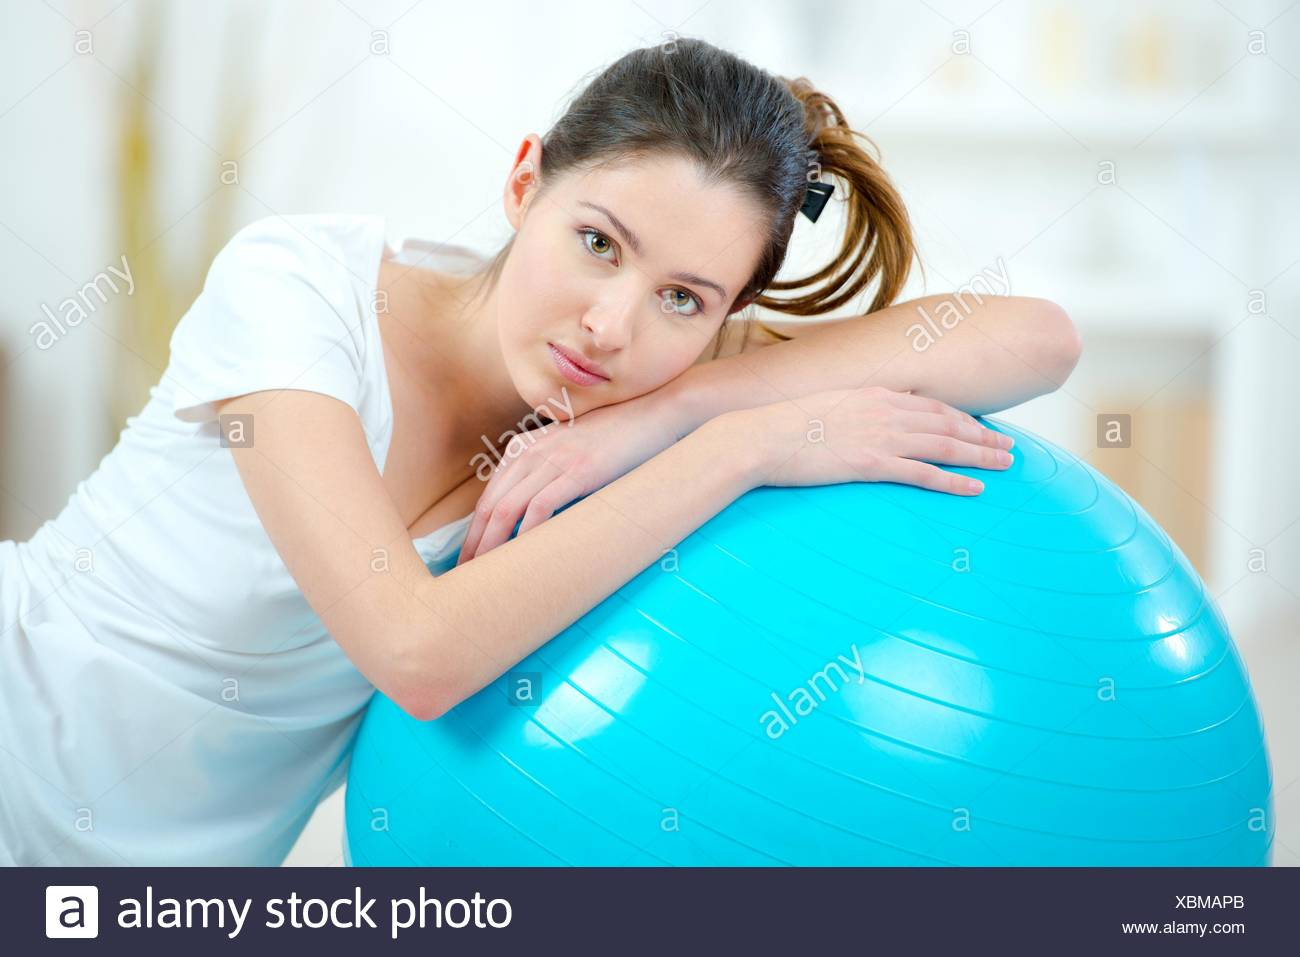 Ragazza appoggiata sulla sfera di aerobica Foto Stock